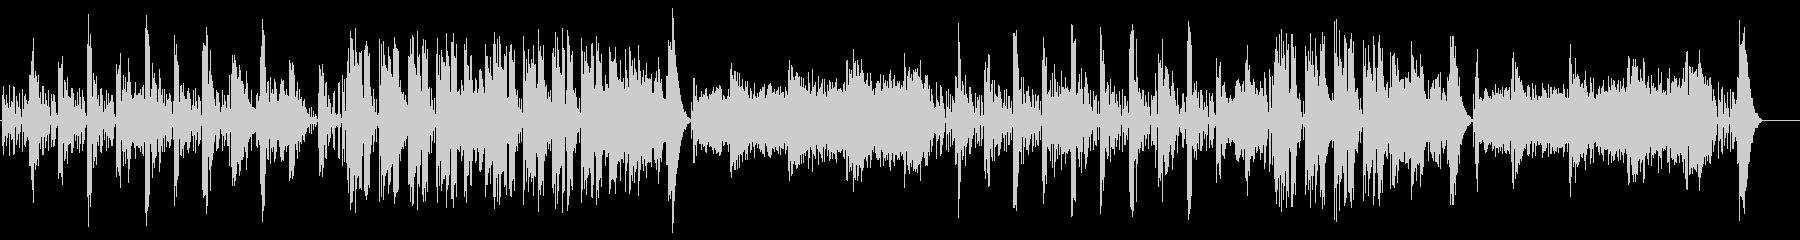 ドキュメンタリー系 物理学実験風サウンドの未再生の波形